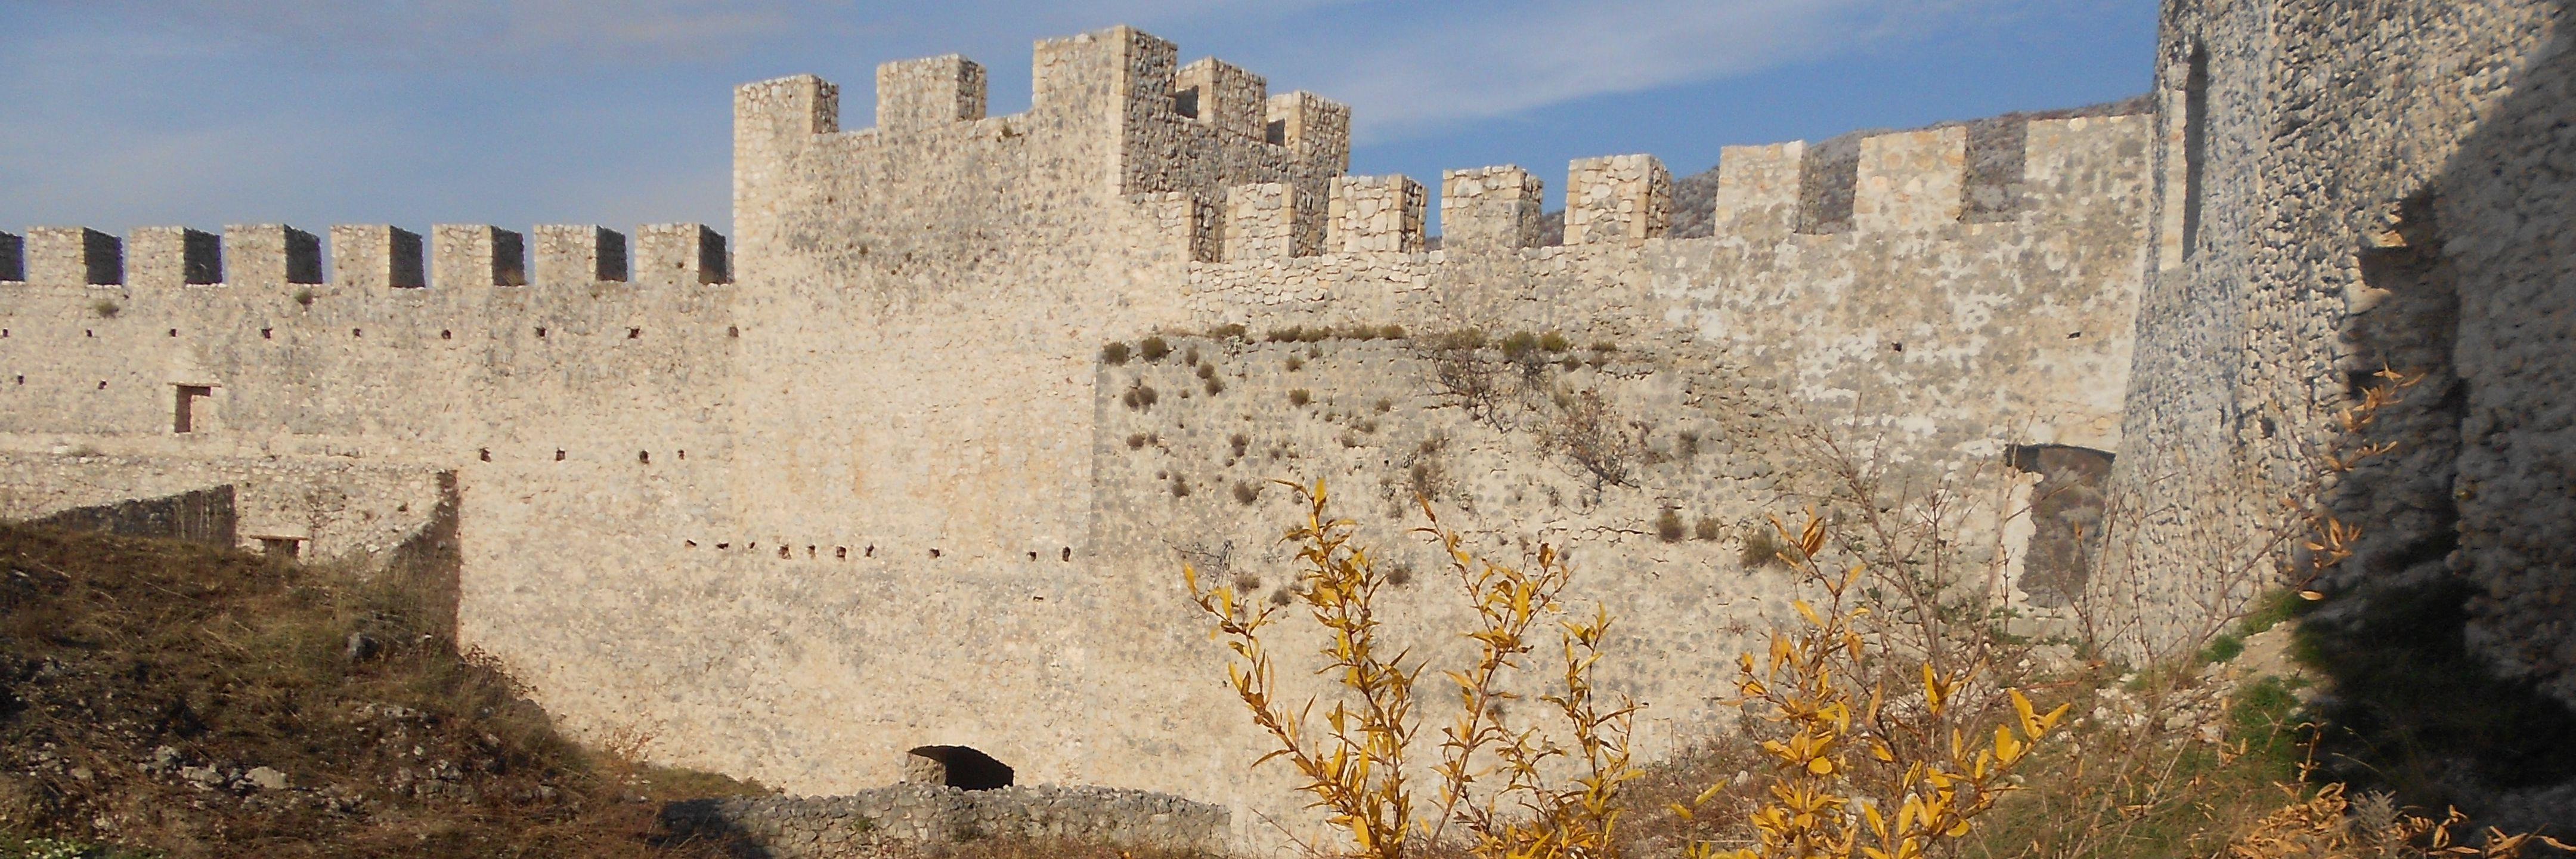 Крепости Боснии и Герцеговины. Фото: Елена Арсениевич, CC BY-SA 3.0